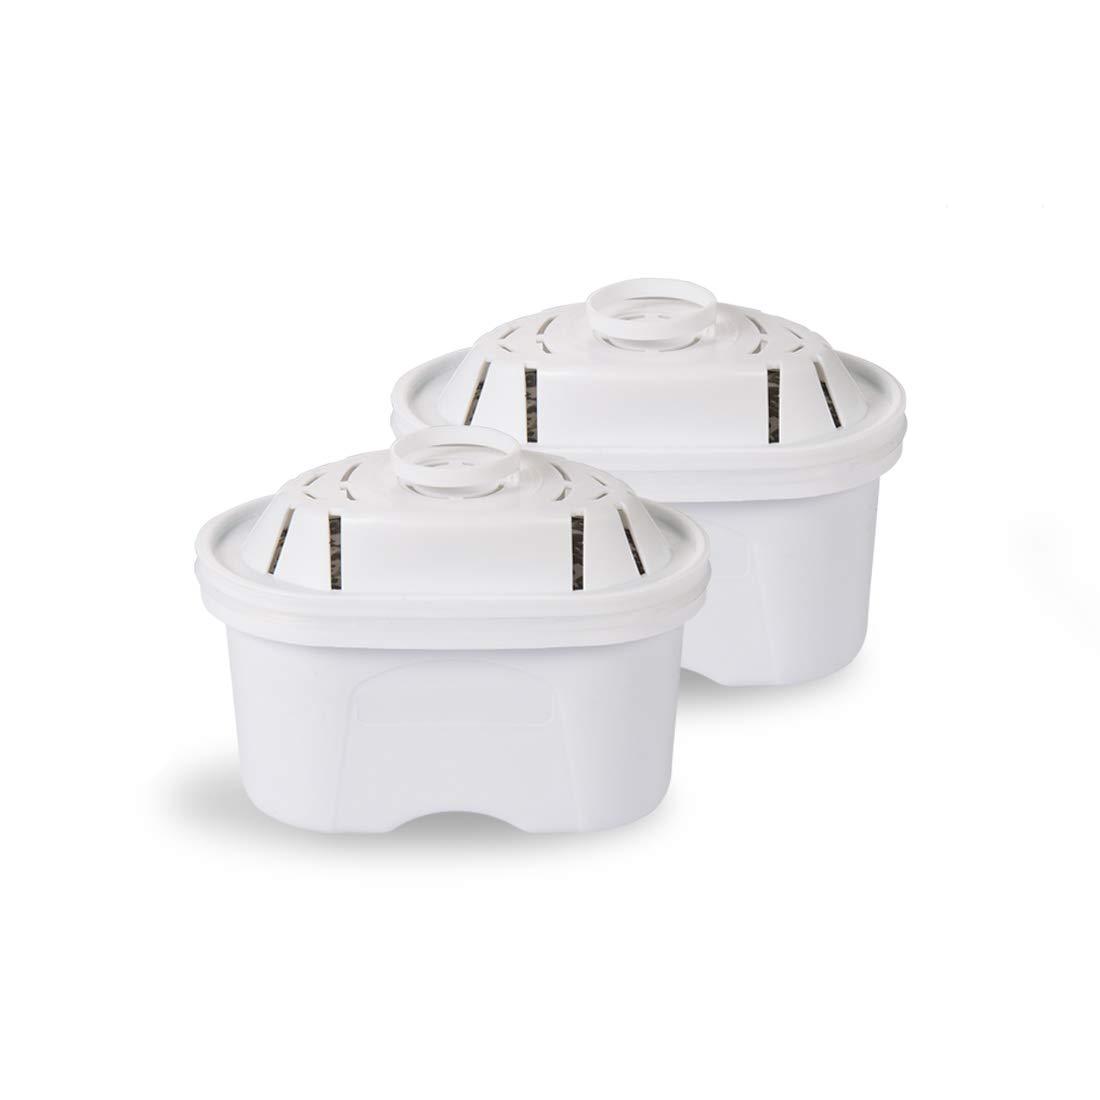 2PK Alkalischer Wasserfilter Tischwasserfilter mit UV-Sterilisieren Kann Bakterien beseitigen und desinfizieren, 4-stufige Wasser-Reinigung 99% Bakterien, BPA-Freier Wasserreiniger (filter) GOSOIT